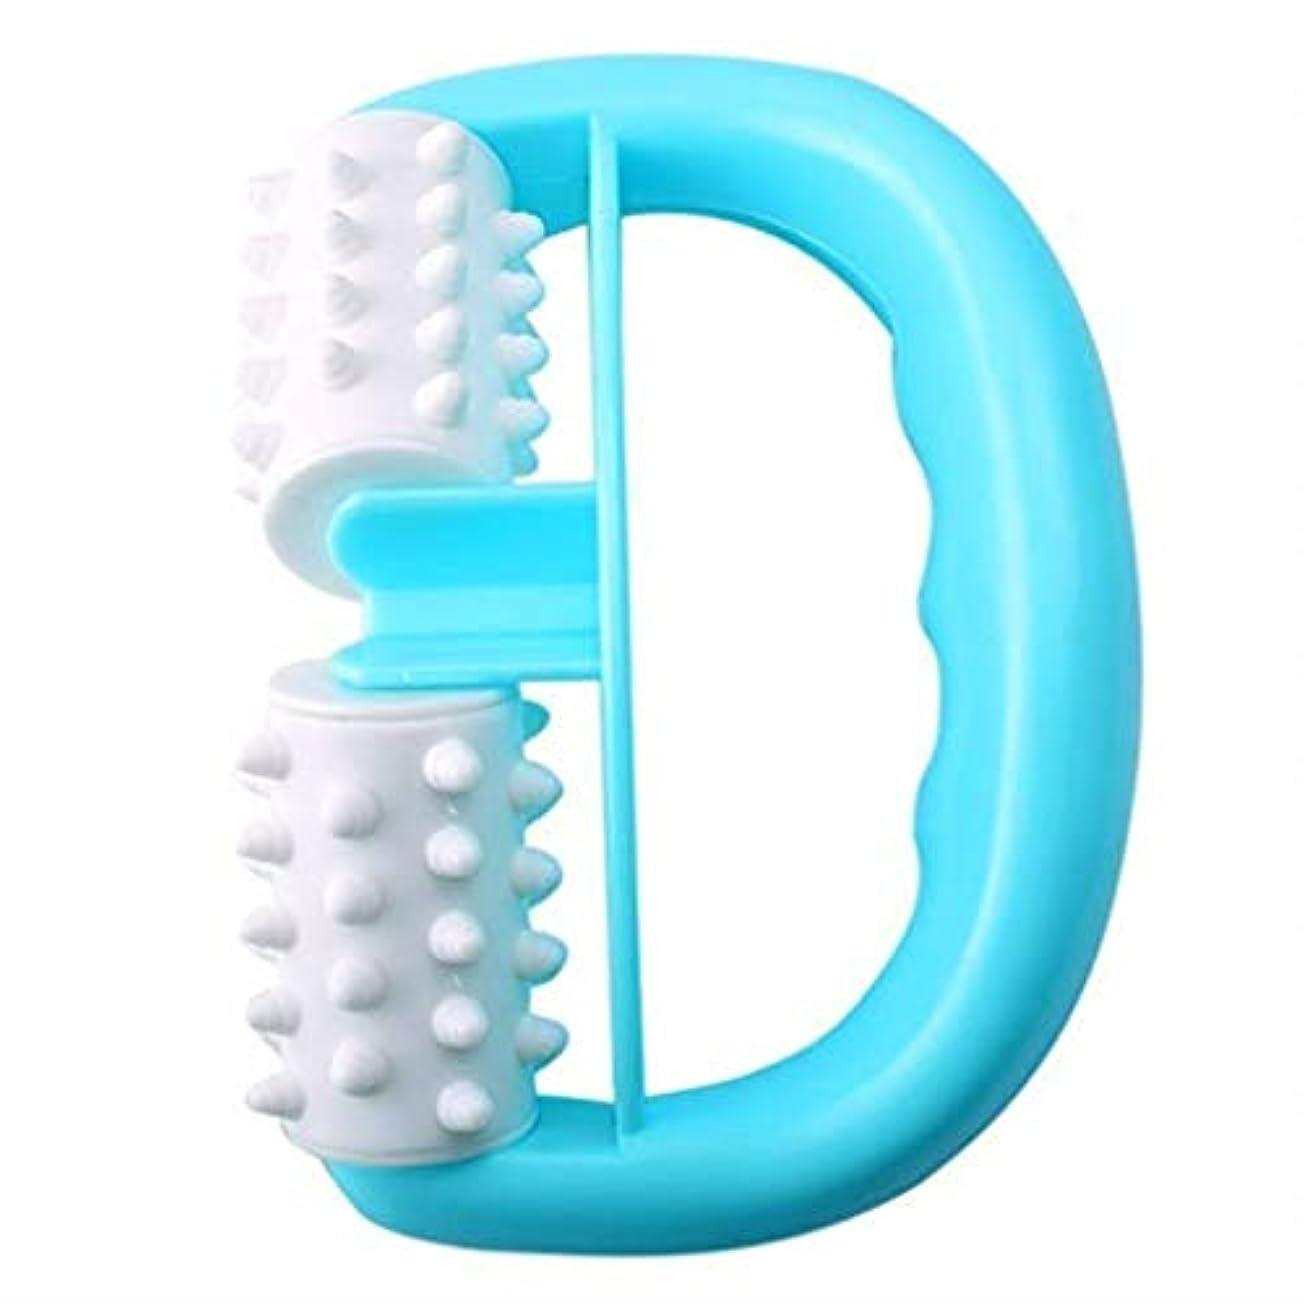 ストリーム内なる留まるハンドヘルドマッサージャー、ポータブルボディローラーマッサージャー、脈動ボールによる脂肪の除去、体の痛みの緩和、Dr子午線、疲労の緩和